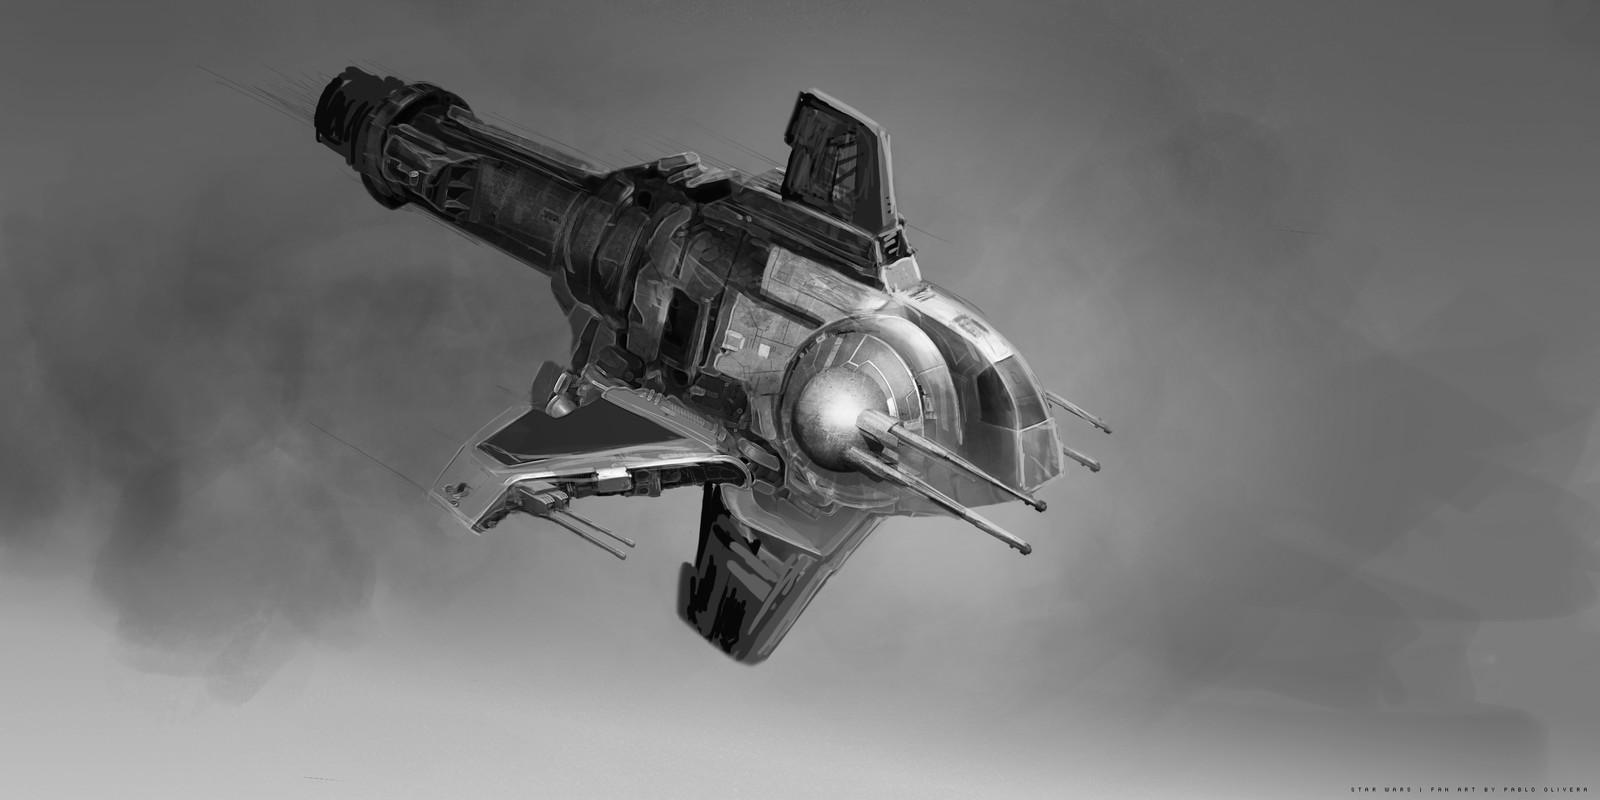 Star Wars Challenge Vehicle Sketches